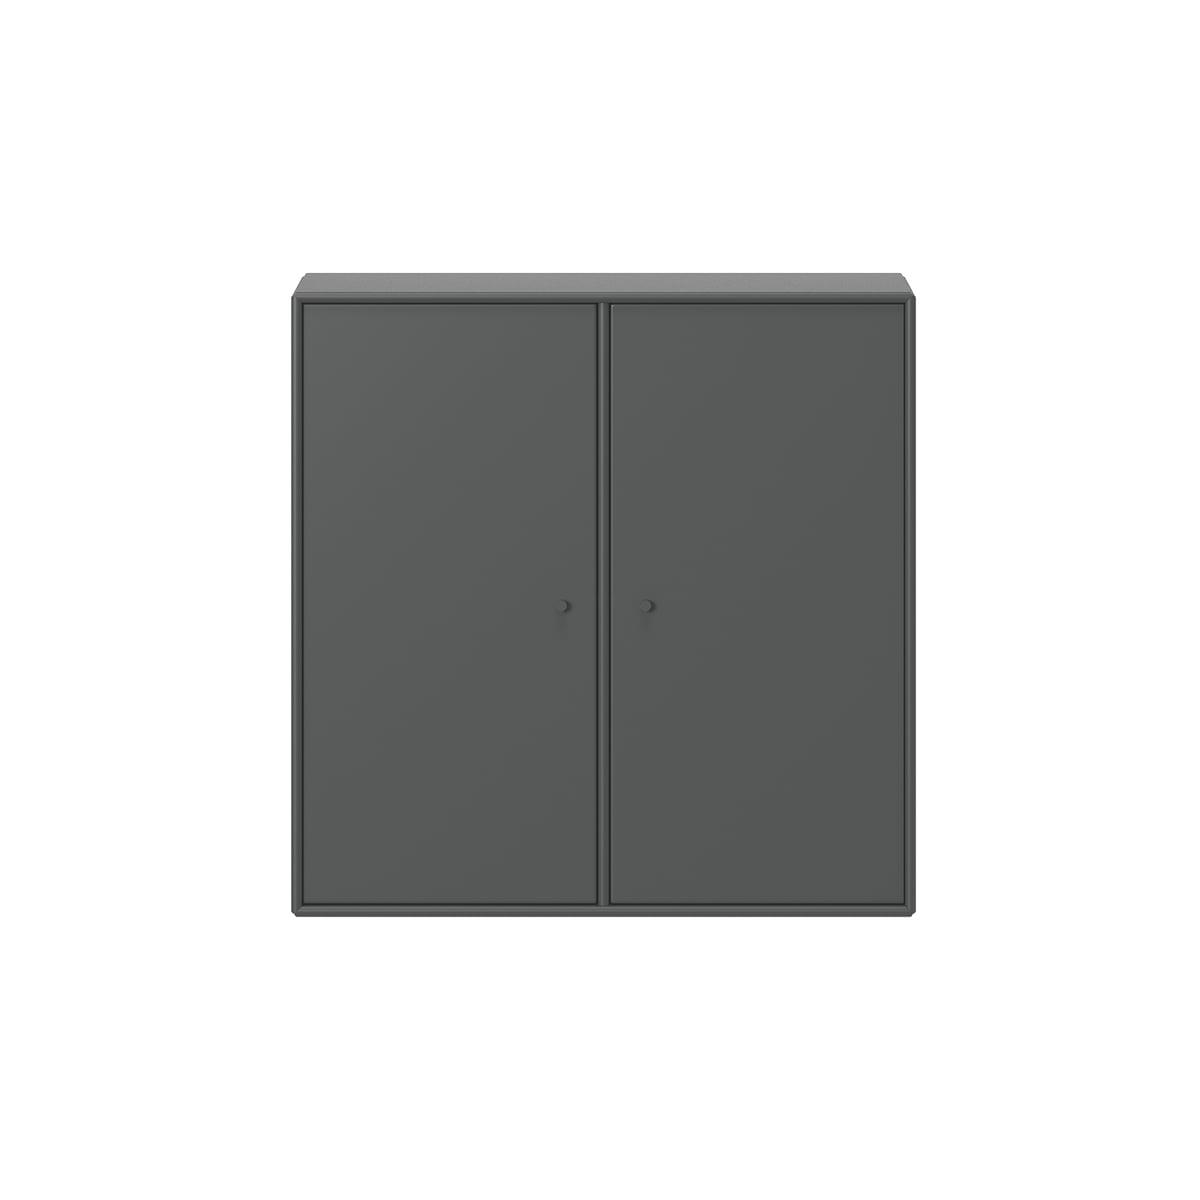 Montana - Cover Schrank mit Aufhängung, anthrazit | Wohnzimmer > Schränke > Weitere Schränke | Anthrazit | 12 mm mdf-platten | Montana